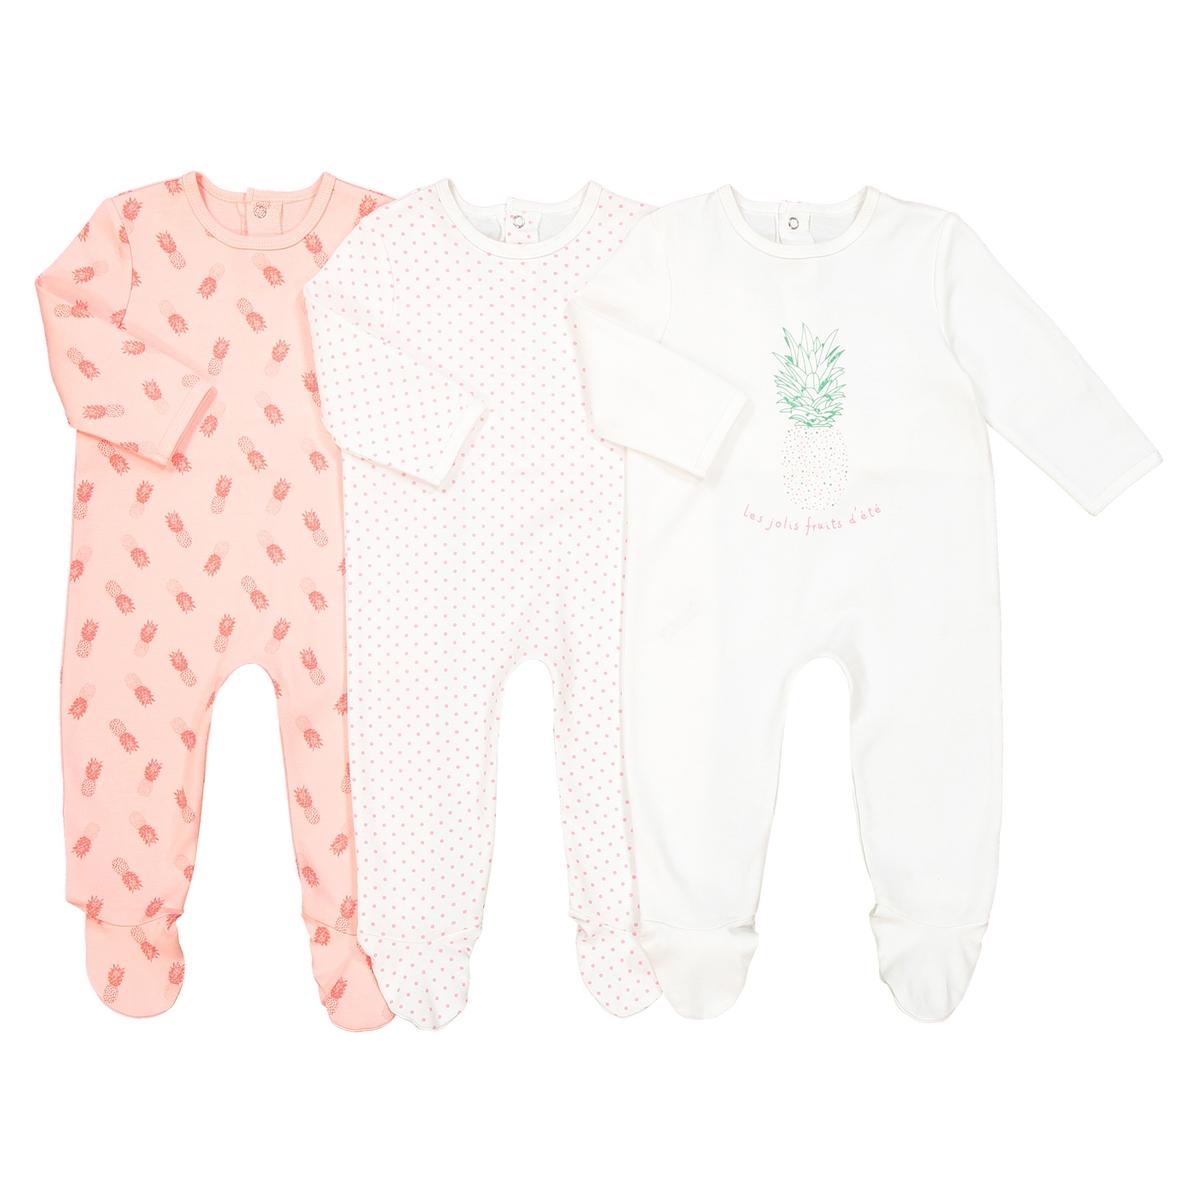 Комплект из 3 пижам из хлопка 0 мес. - 3 года Oeko TexОписание:3 пижамы с длинными рукавами и закрытыми носками. Ощущение комфорта и нежности до самого утра... Разрезы на кнопках облегчают надевание.Детали •  Комплект из 3 пижам : 2 пижамы с рисунком + 1 пижама с принтом. •  Длинные рукава. •  Круглый вырез. •  Носки с противоскользящими элементами для размеров от 12 месяцев  (74 см). Состав и уход •  Материал : 100% хлопок. •  Стирать с вещами схожих цветов при 40° в обычном режиме. •  Стирать и гладить с изнанки при низкой температуре. •  Деликатная сушка в машинке.Товарный знак Oeko-Tex® . Знак Oeko-Tex® гарантирует, что товары прошли проверку и были изготовлены без применения вредных для здоровья человека веществ.<br><br>Цвет: розовый+оранжевый+экрю<br>Размер: 3 года - 94 см.1 год - 74 см.3 мес. - 60 см.6 мес. - 67 см.0 мес. - 50 см.18 мес. - 81 см.2 года - 86 см.9 мес. - 71 см.1 мес. - 54 см